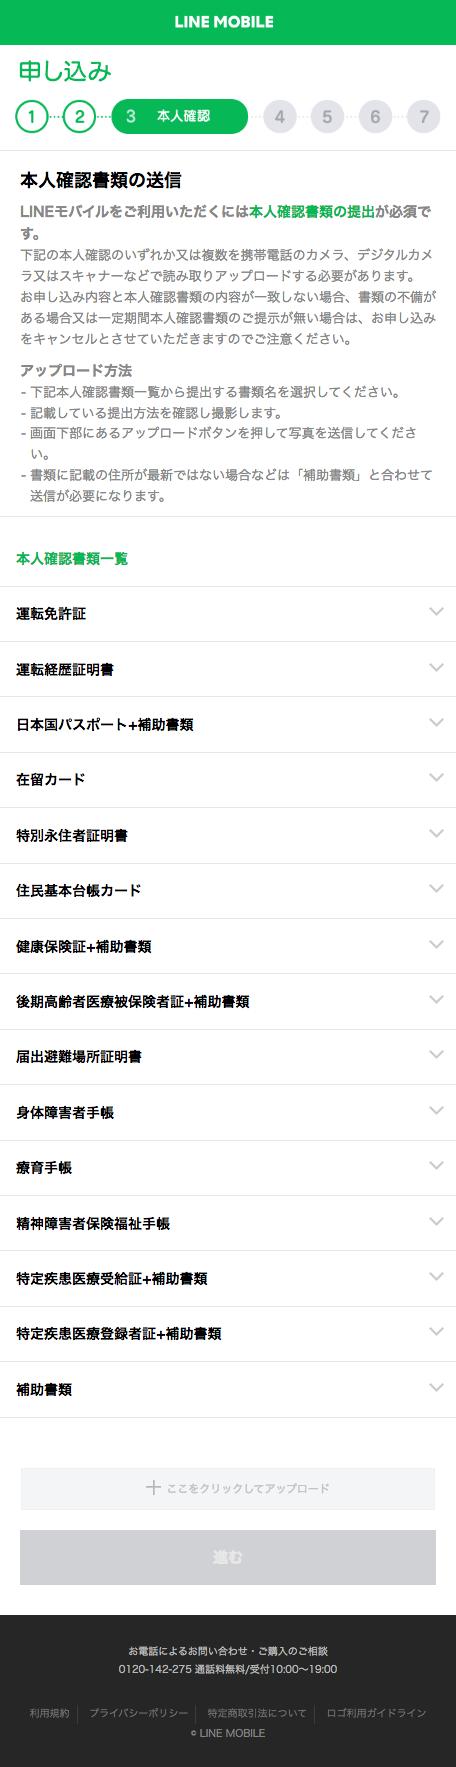 身分証のアップロードページ